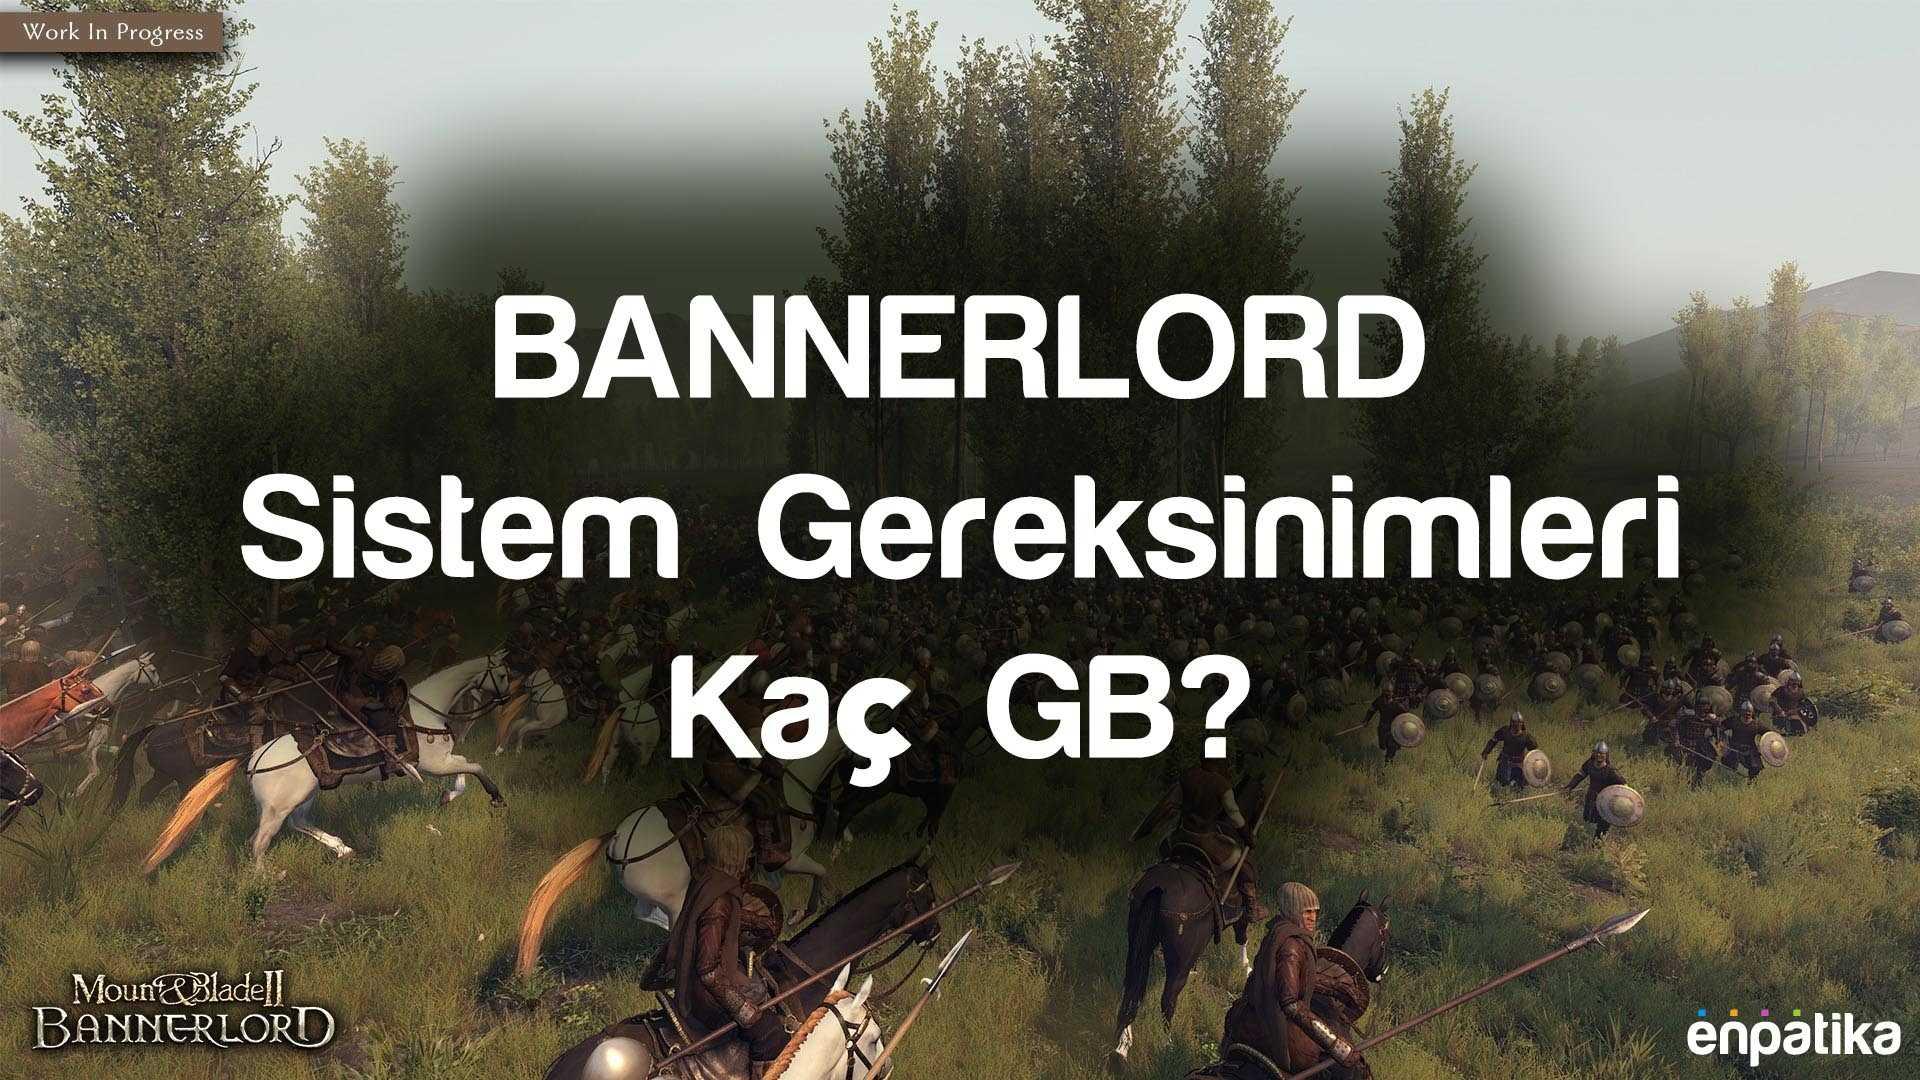 Bannerlord Sistem Gereksinimleri 2020